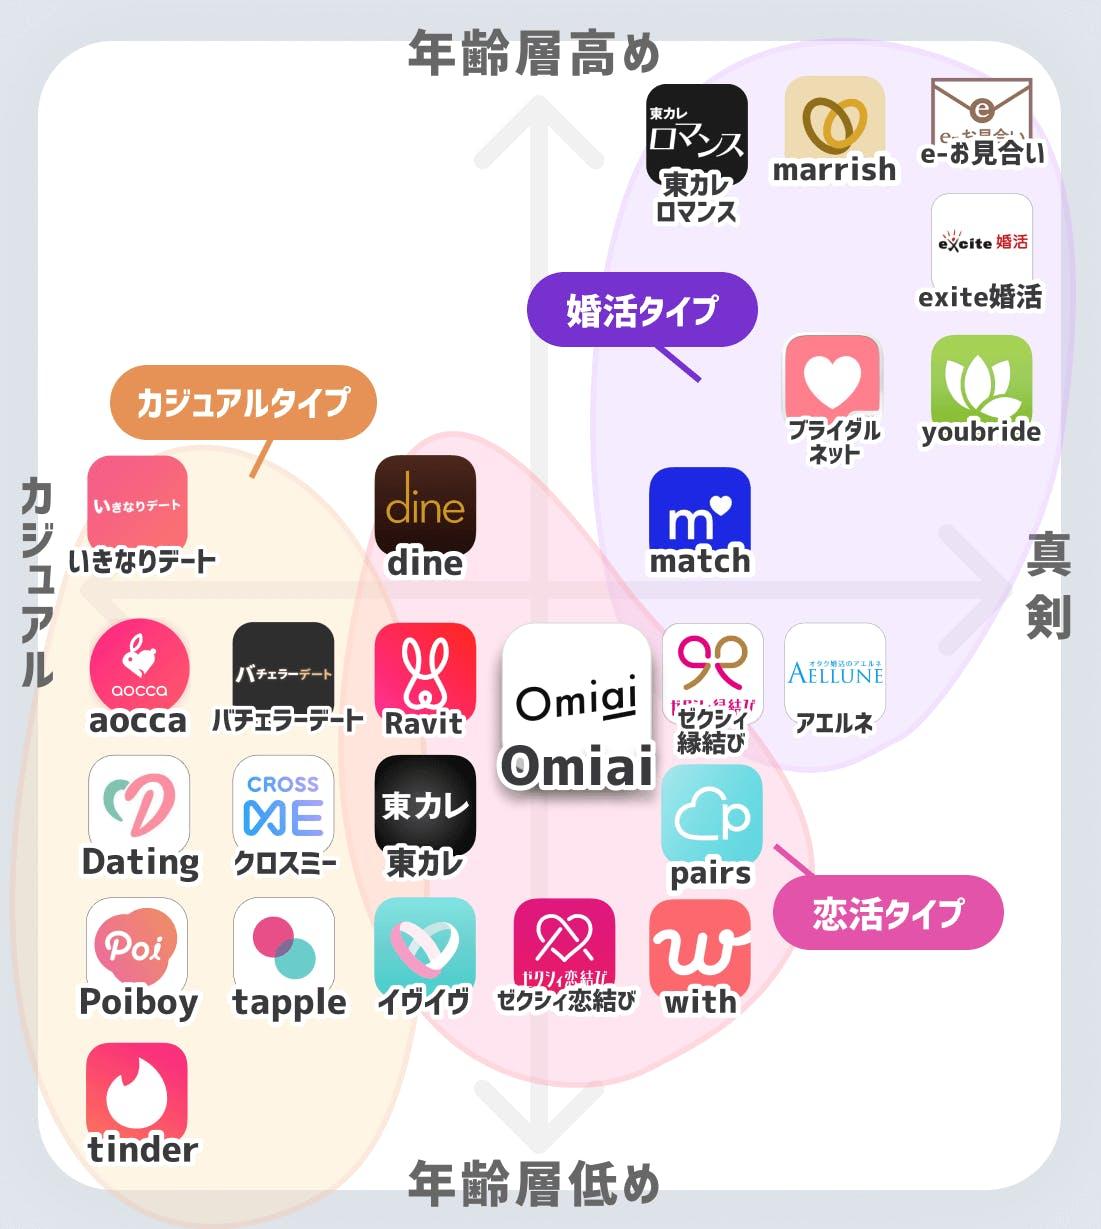 マッチングアプリ分布図(Omiai)